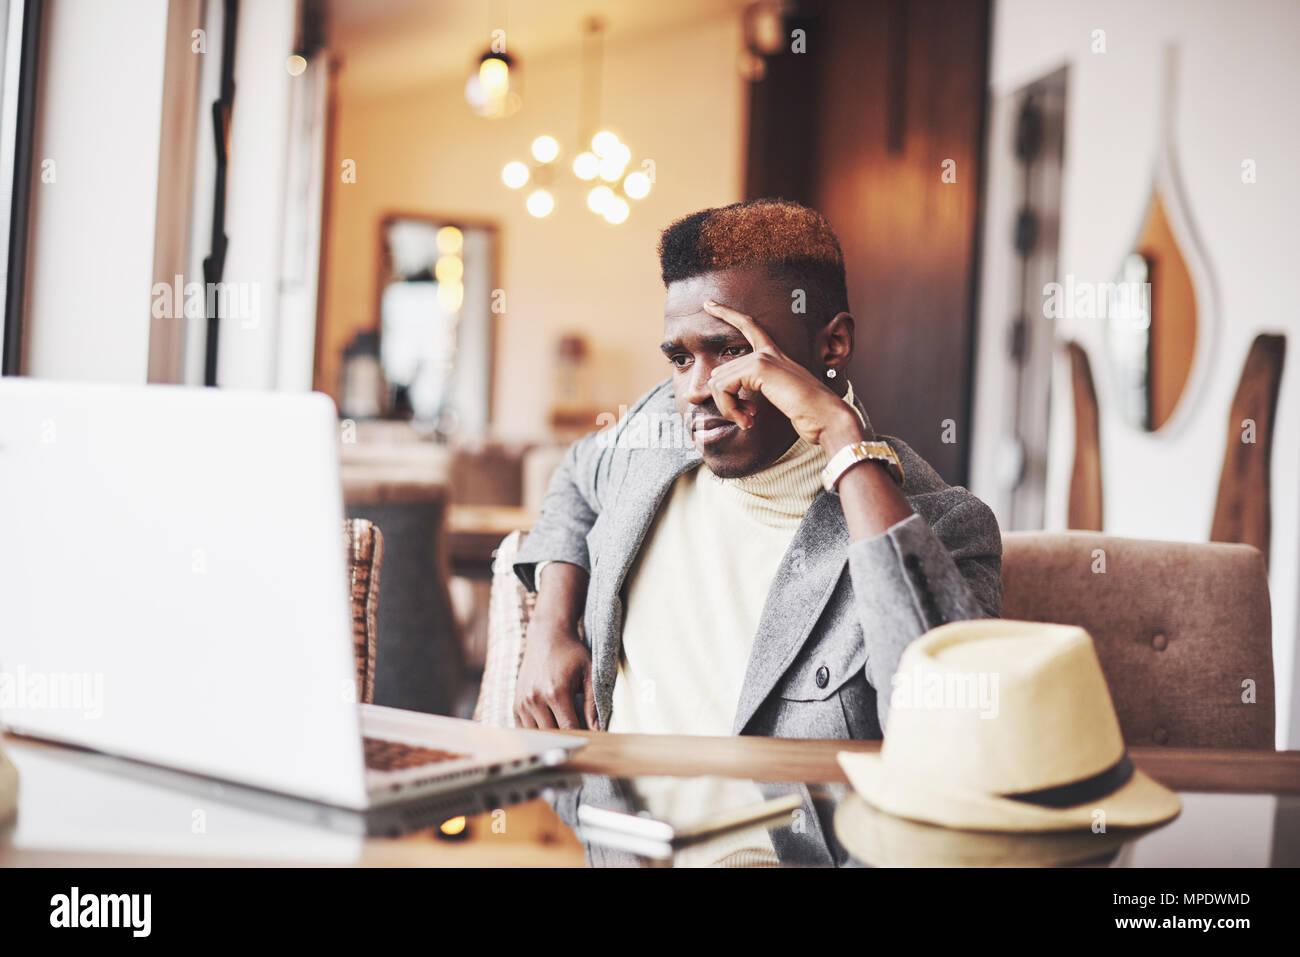 Nachdenklich, afro-amerikanische stattlichen professioneller Schriftsteller der beliebtesten Artikel im Blog im trendigen Outfit gekleidet und Gläser denken über neue Geschichte Korrekturlesen sein Skript von Notebook im Cafe sitzen Stockfoto